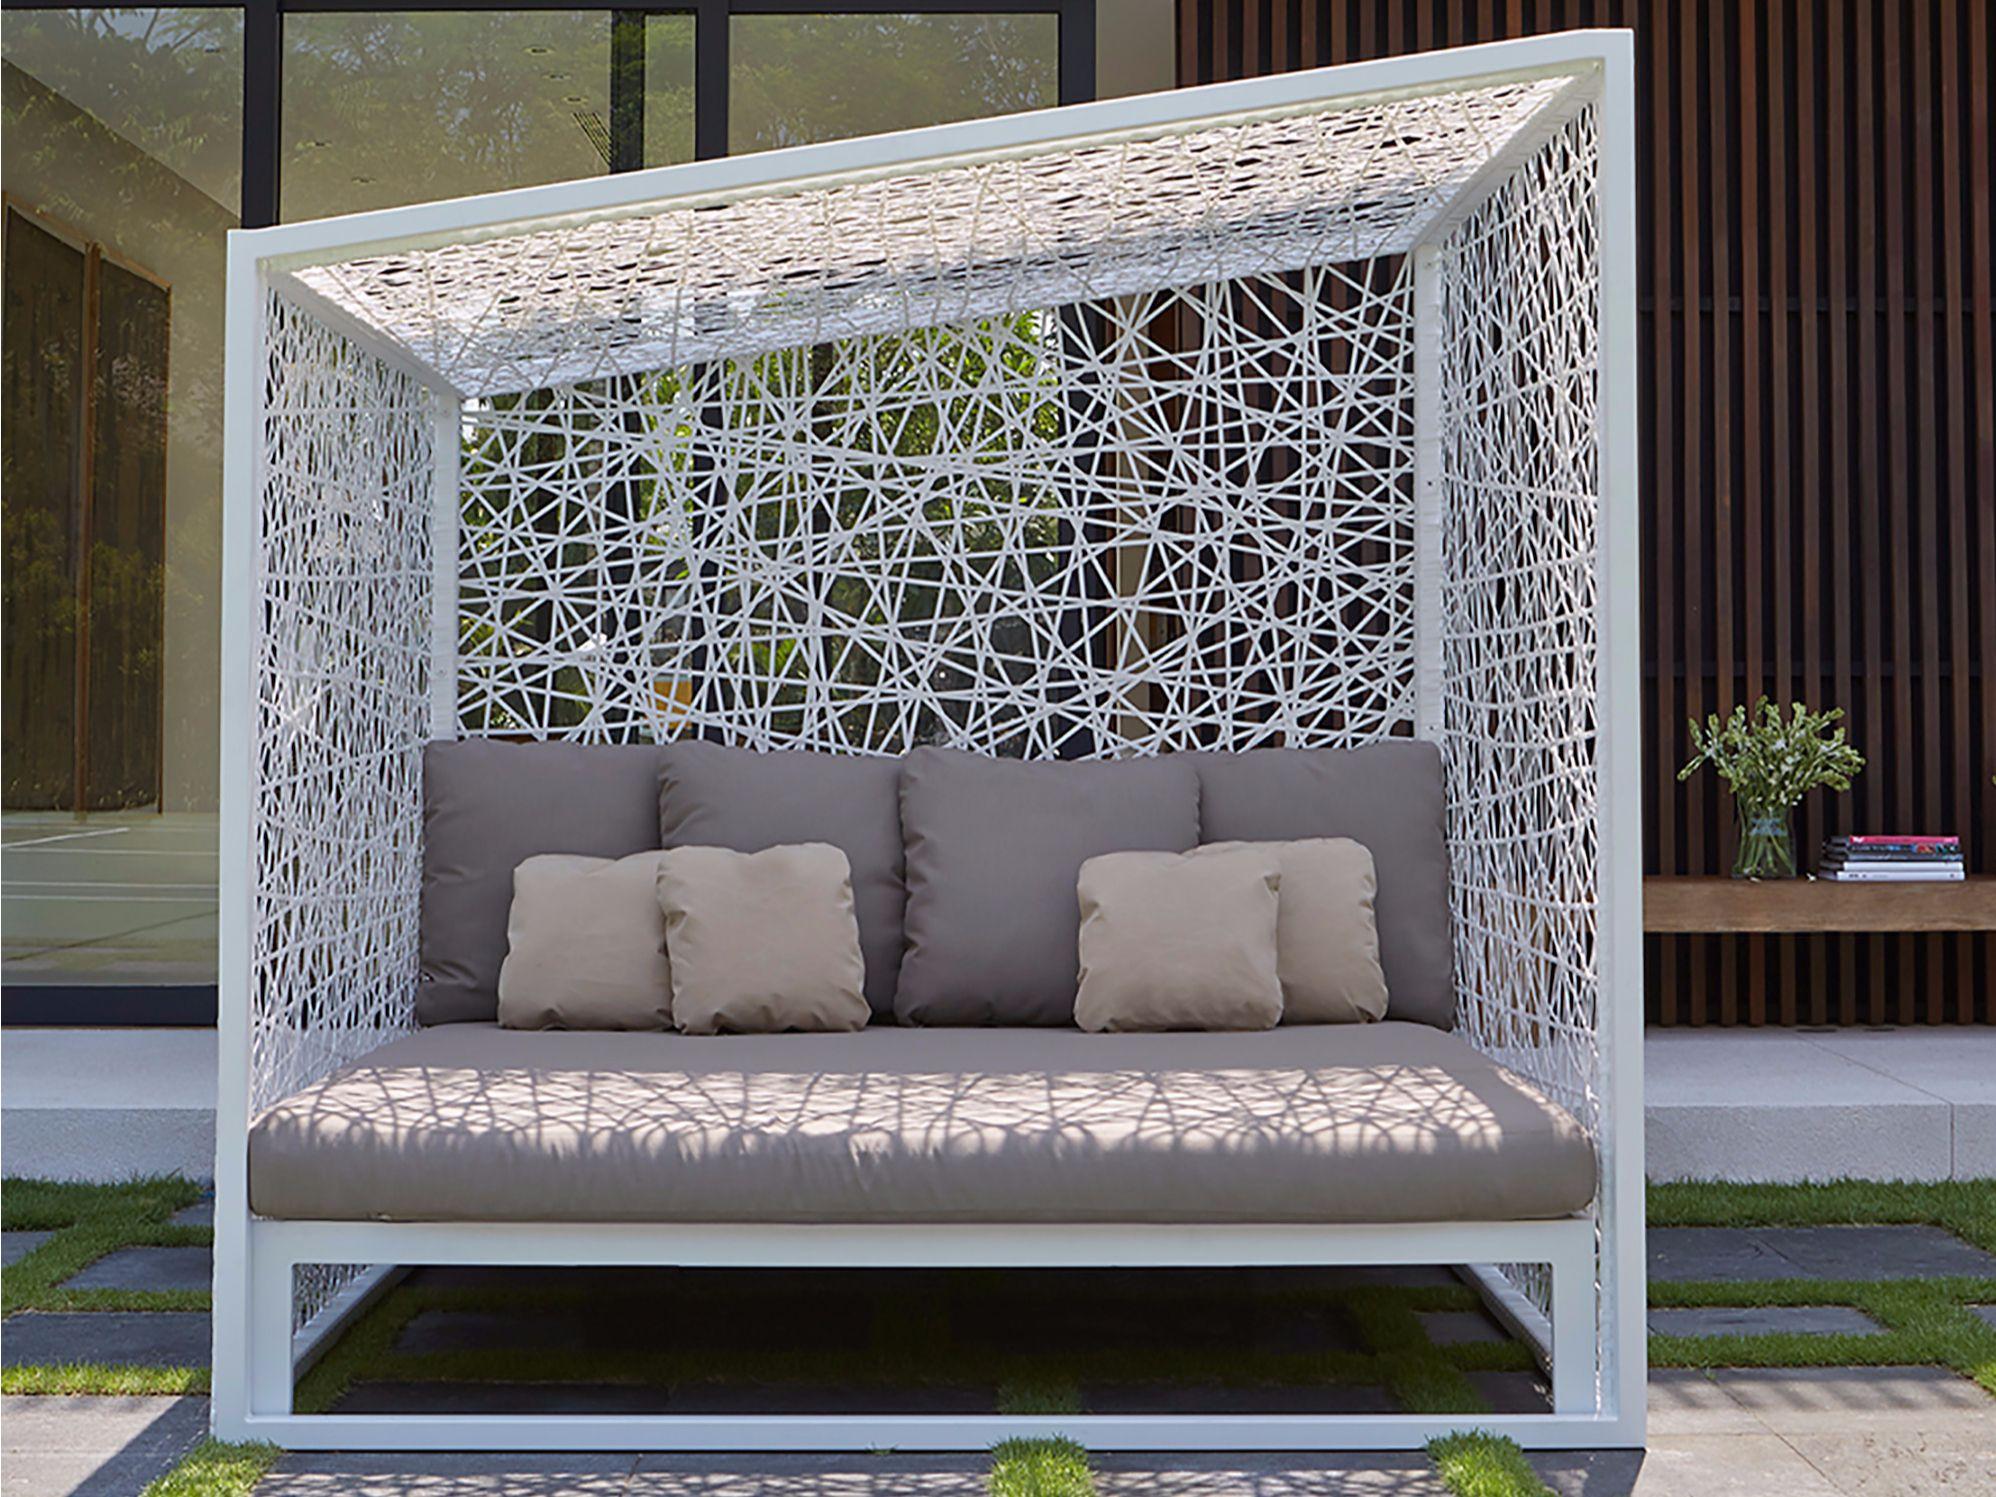 Letto da giardino matrimoniale a igloo geometric for Letto giardino